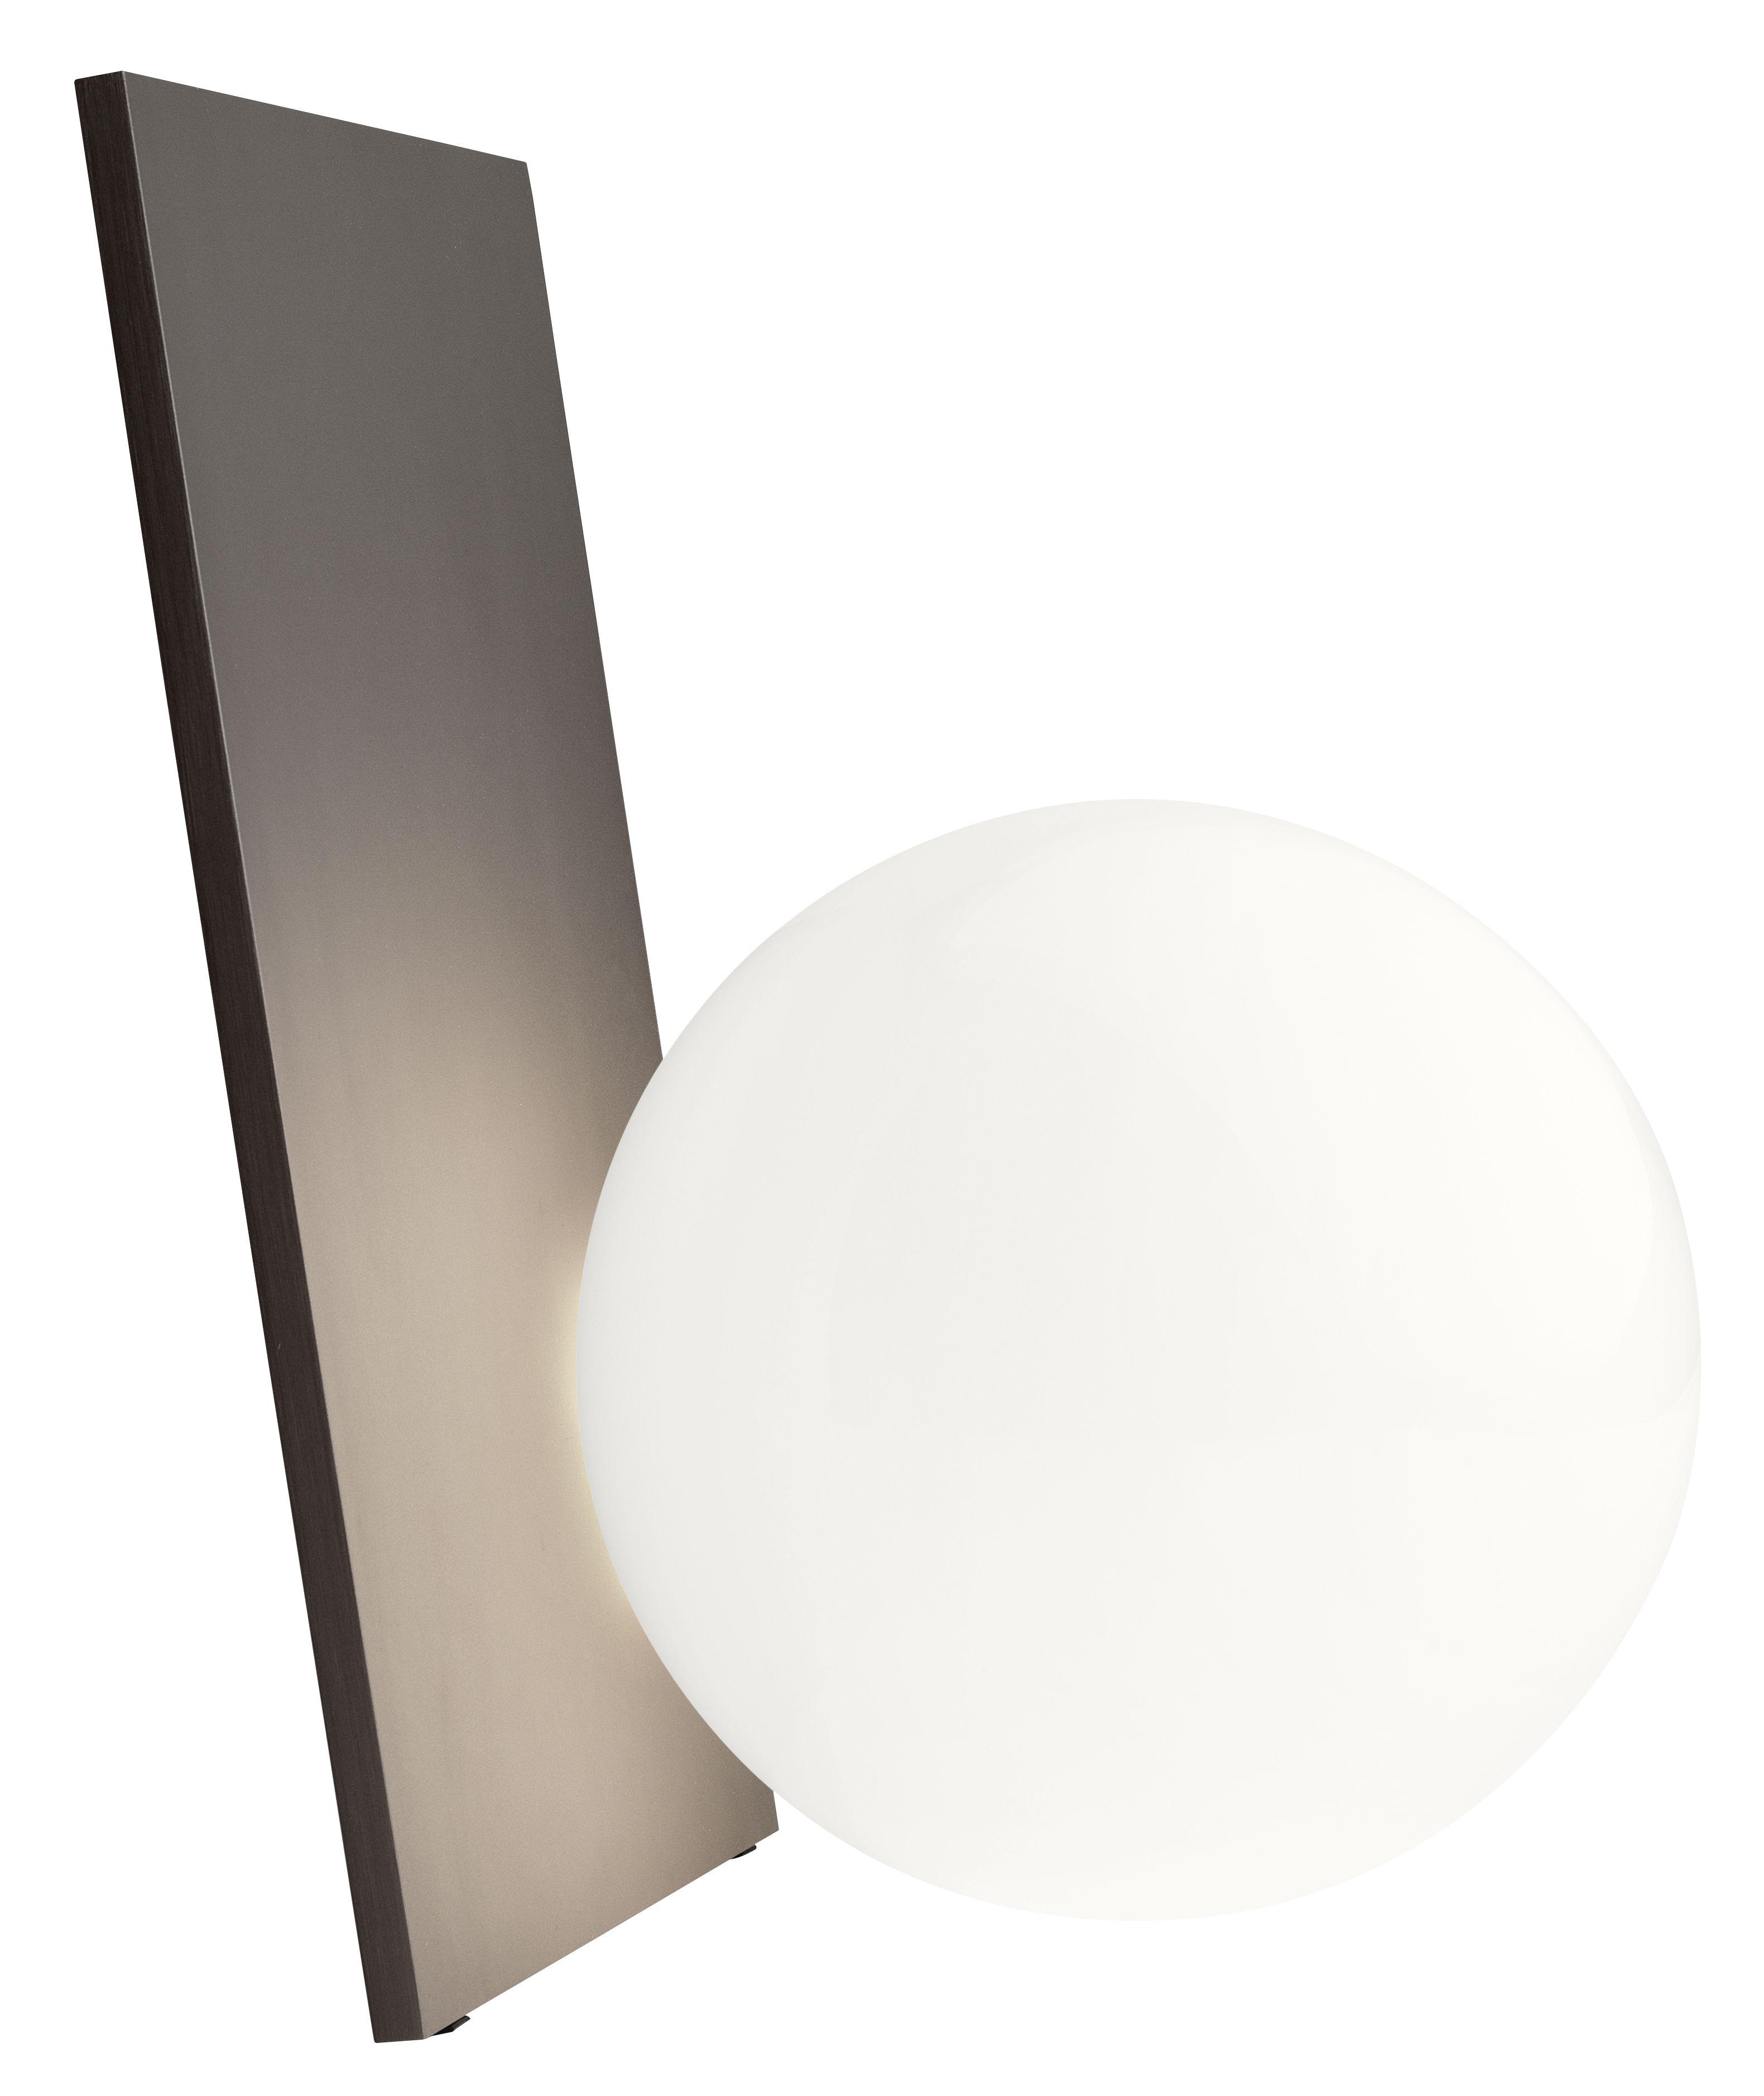 Leuchten - Tischleuchten - Extra T Tischleuchte LED / mundgeblasenes Glas & Metall - H 35 cm - Flos - Bronzefarben / Kugel weiß - Aluminium, Glas